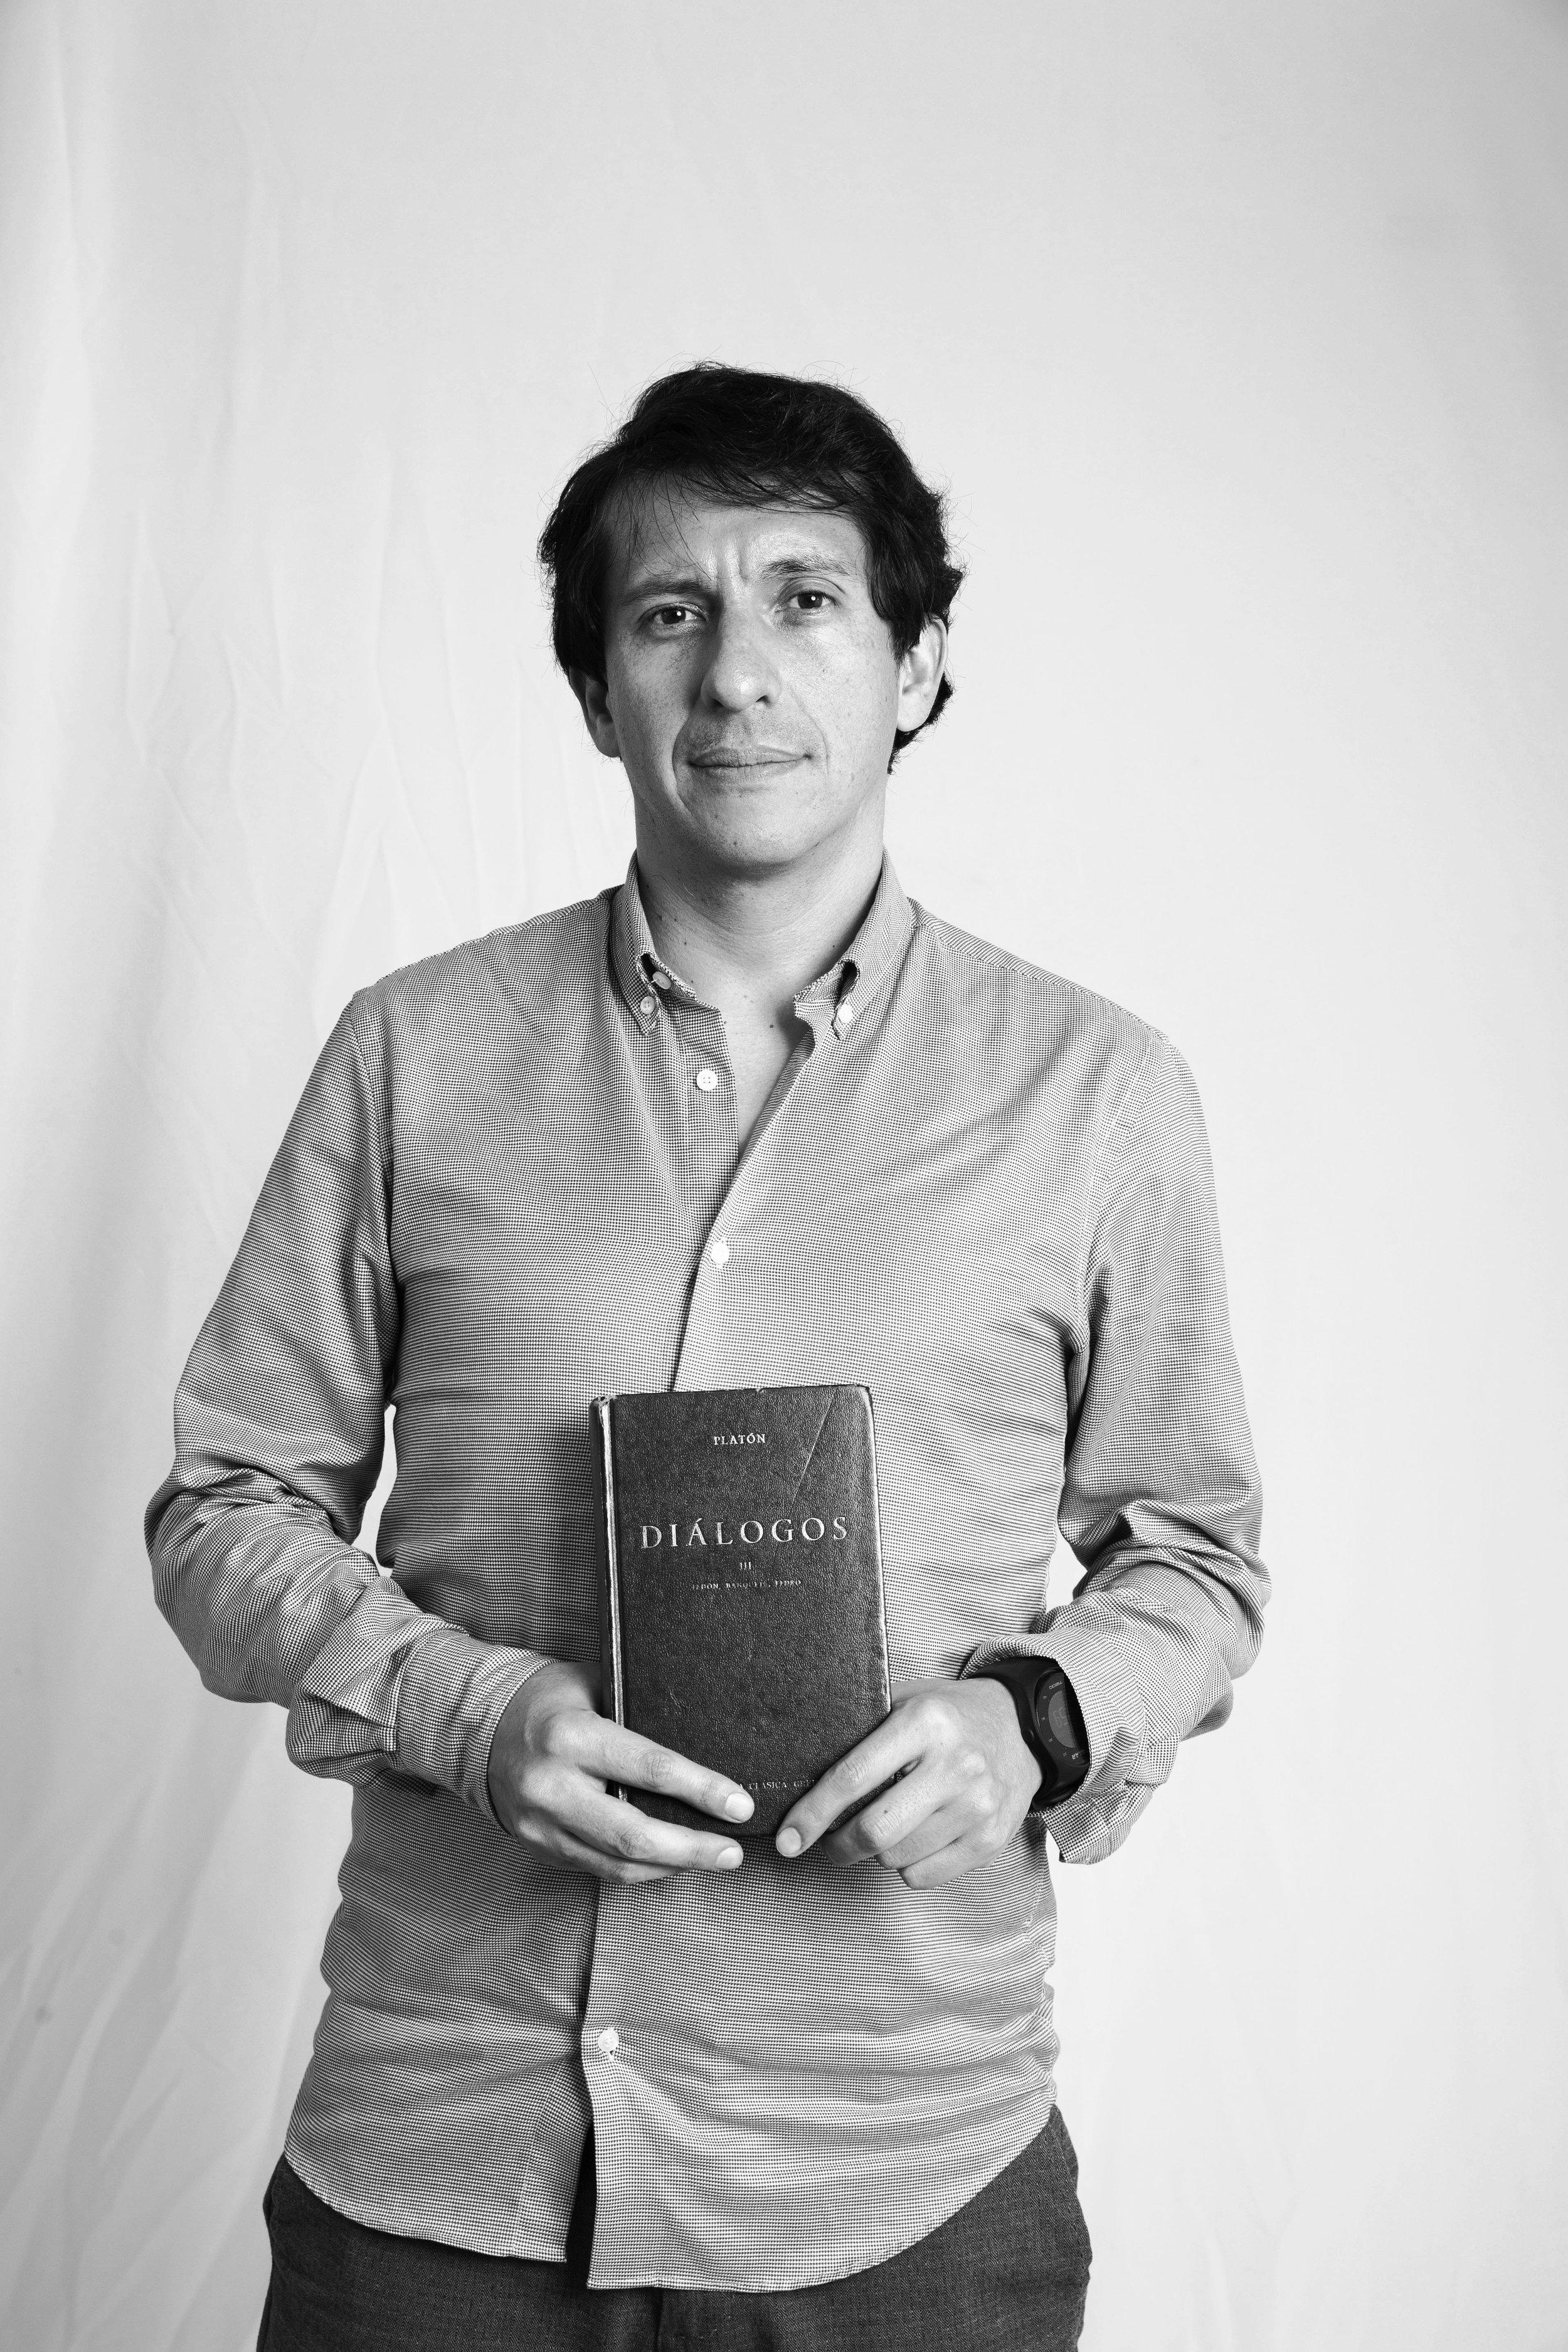 Carlos Esteban Barrera Silva - RectorFilósofo con maestrías en Historia y Educación de la Universidad de los Andes. Actualmente cursa la Maestría en Filosofía en la Pontificia Universidad Javeriana. Fue coordinador del área de Ciencias Sociales del colegio Marymount de Bogotá, donde también se desempeñó como profesor de Filosofía, Estudios Colombianos, Teoría del conocimiento y como examinador del Bachillerato Internacional en la asignatura de Filosofía. También ha dictado clases en la Universidad Jorge Tadeo Lozano, en la Fundación Universitaria Konrad Lorenz y ha trabajado como asistente de investigación en la Universidad de los Andes y como asesor en la Fundación Tiempo de Juego.